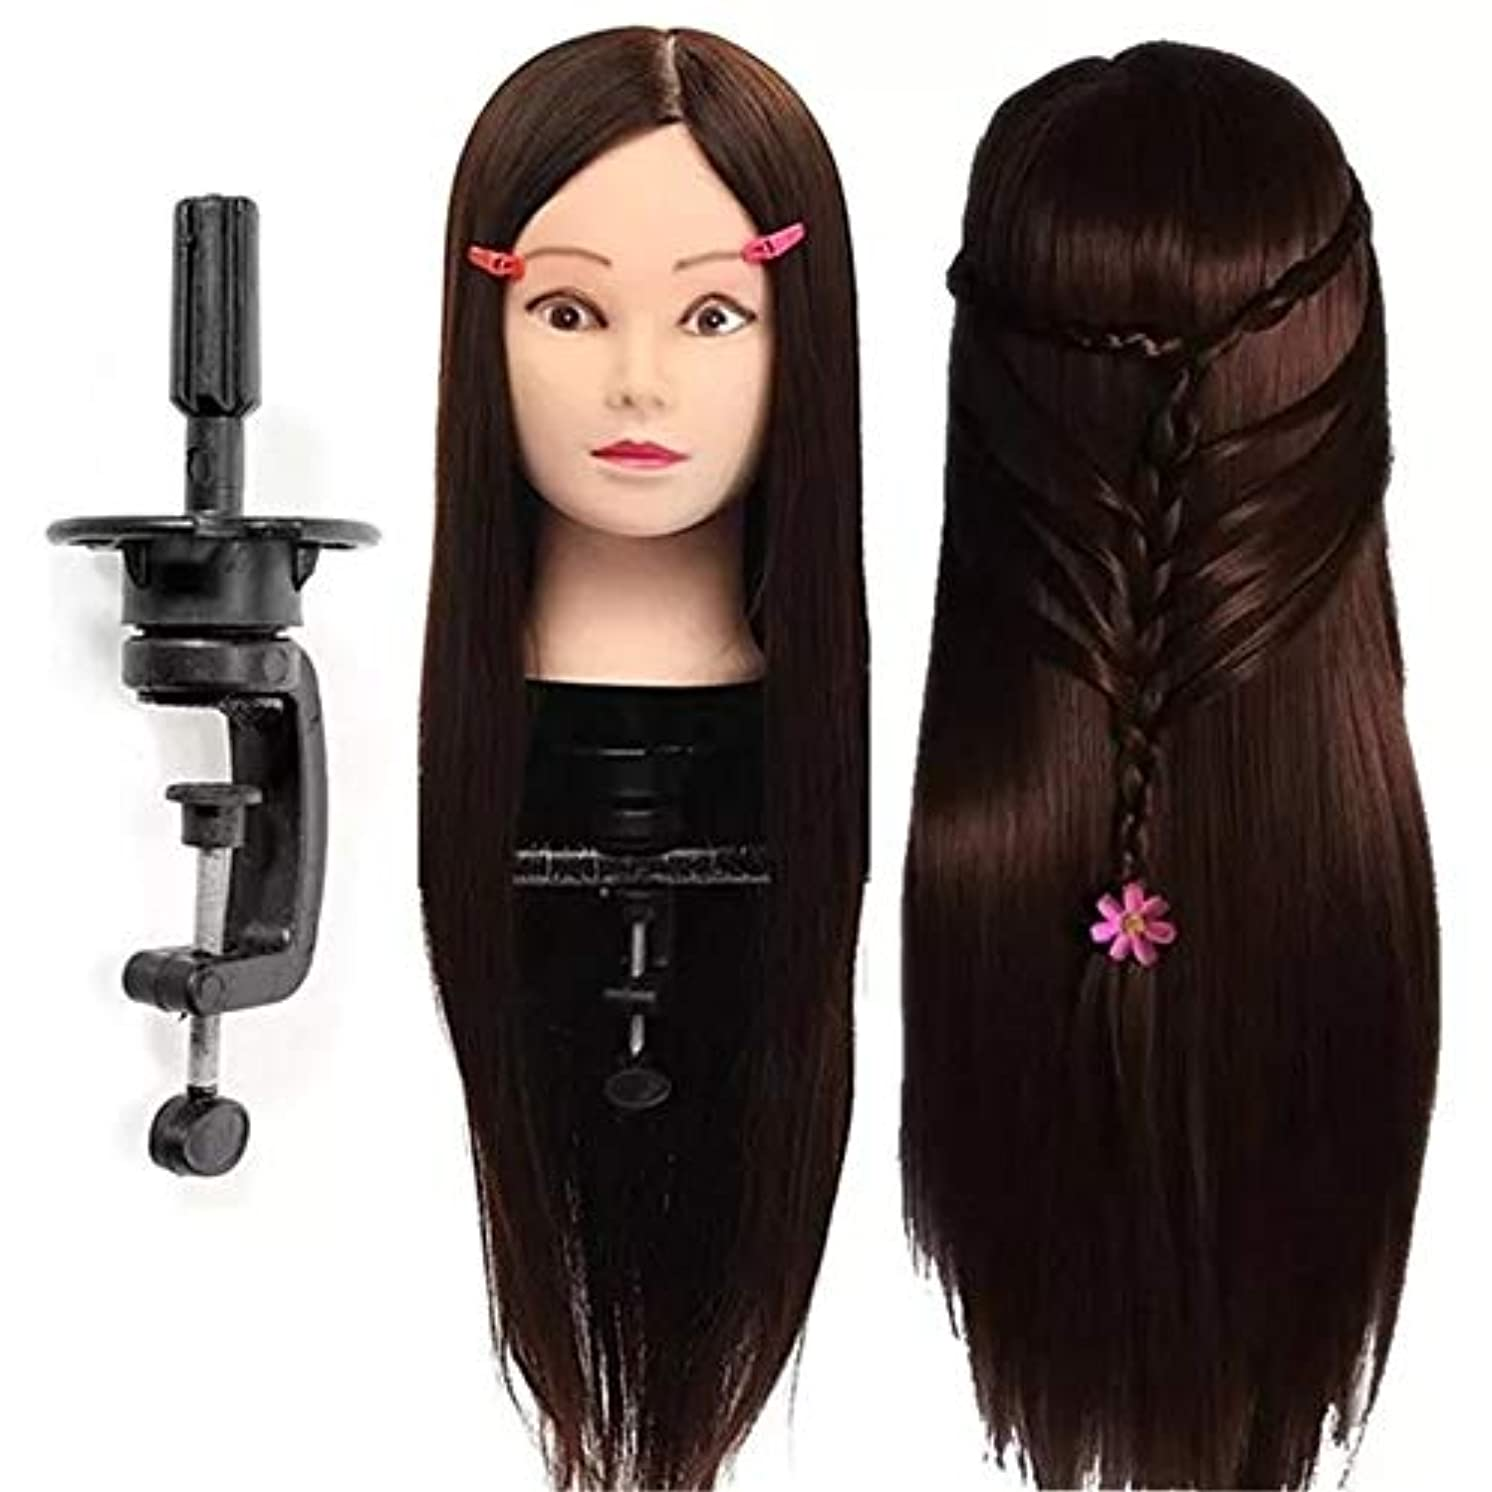 病気水族館複雑なヘアマネキンヘッド 30%の本物の人間の髪の毛理髪トレーニングマネキンダークブラウンの練習ヘッドクランプサロン専門職 ヘア理髪トレーニングモデル付き (色 : Dark Brown Hair, サイズ : 26